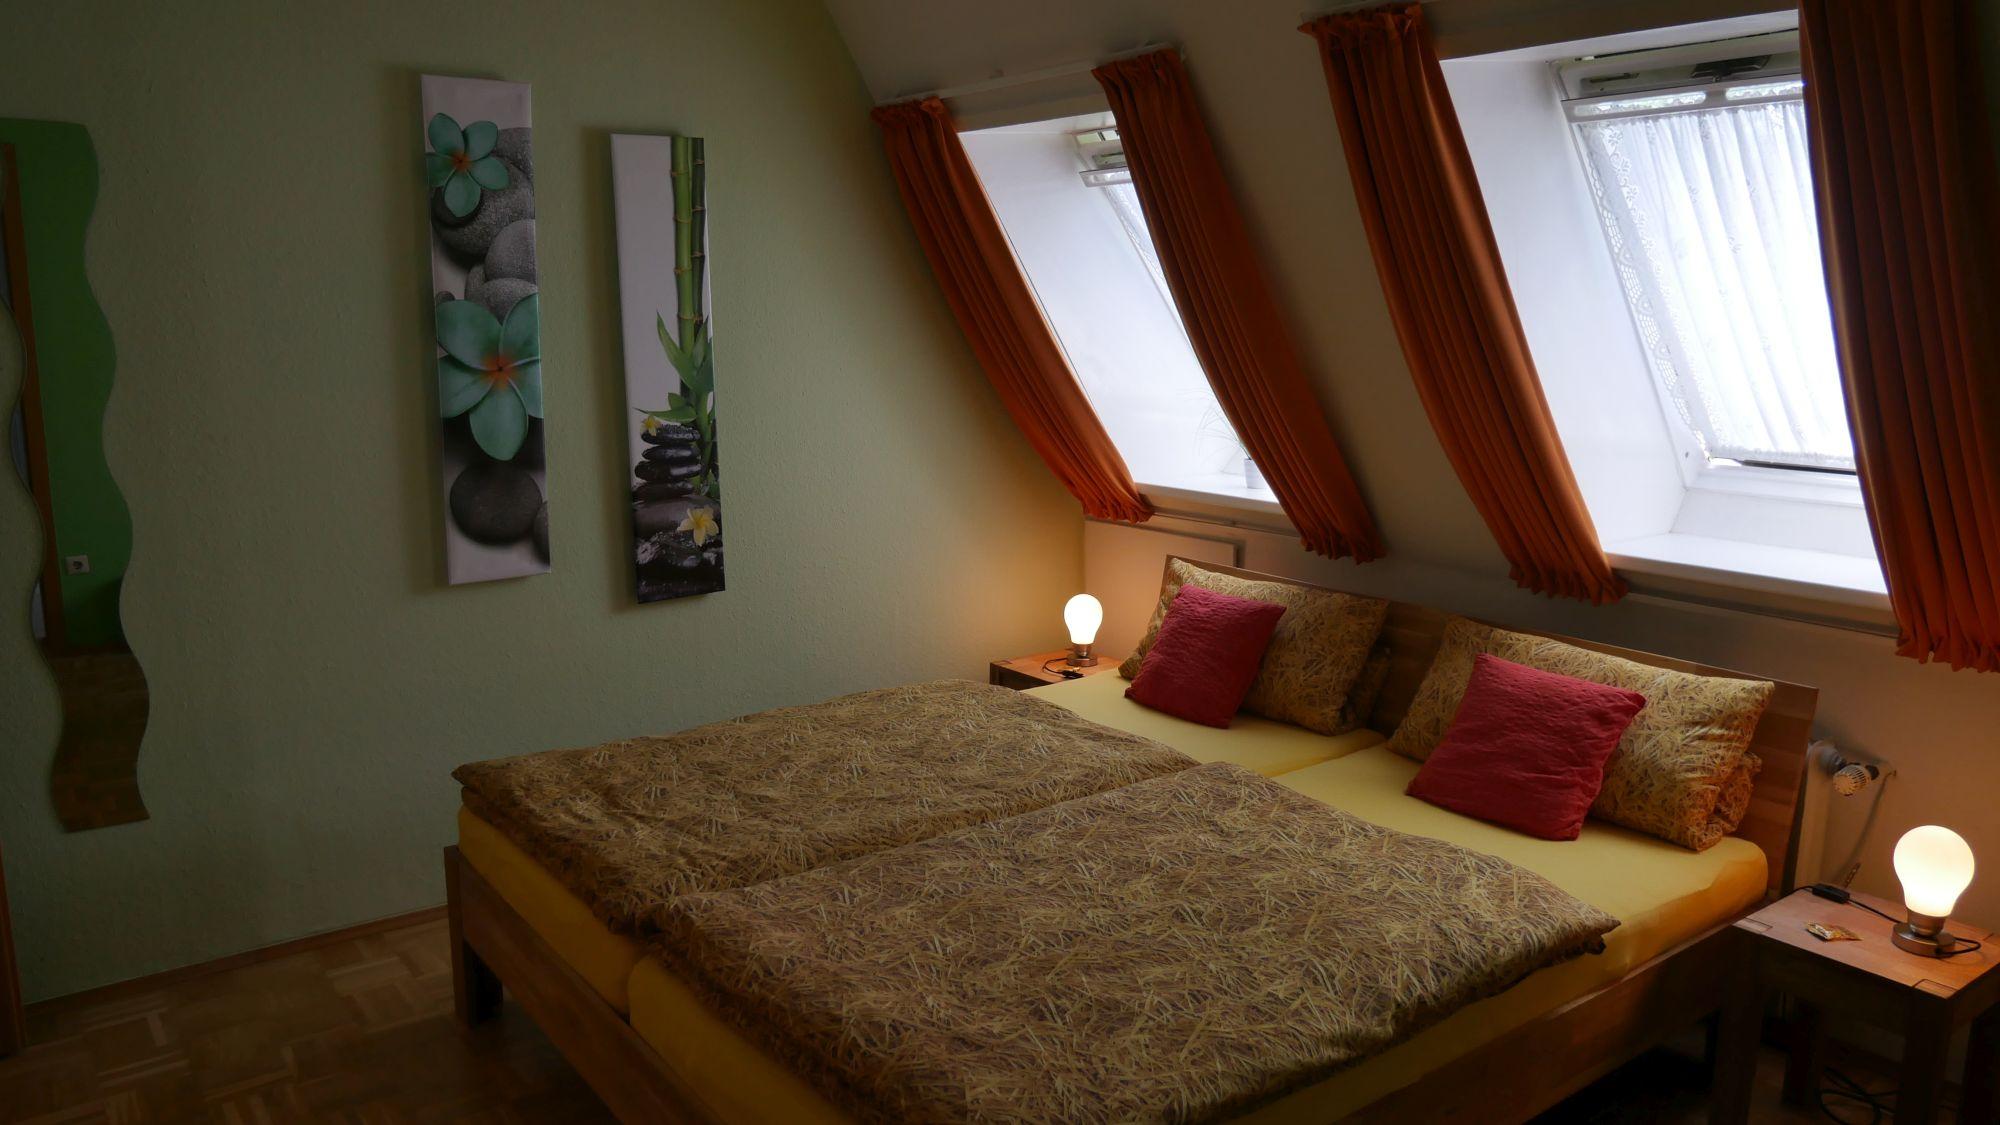 Doppelzimmer im Alten Farmhaus Lienen.jpg